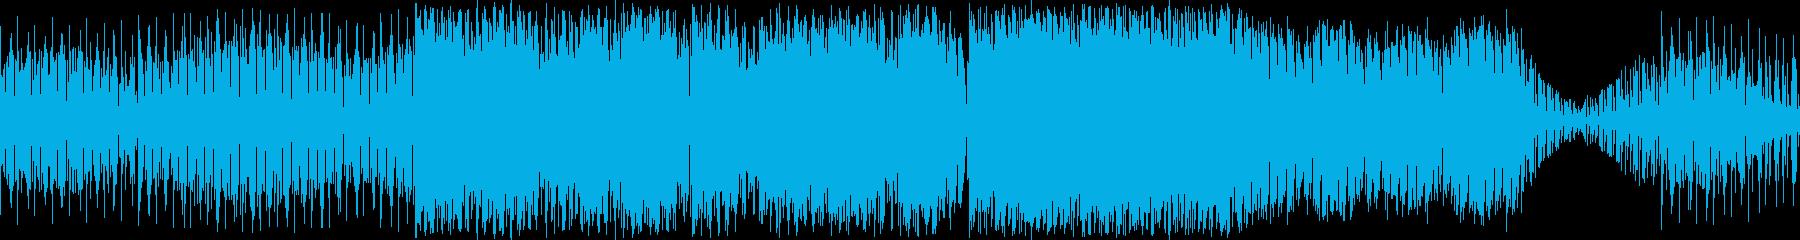 テレビゲーム アクション 電子打楽...の再生済みの波形